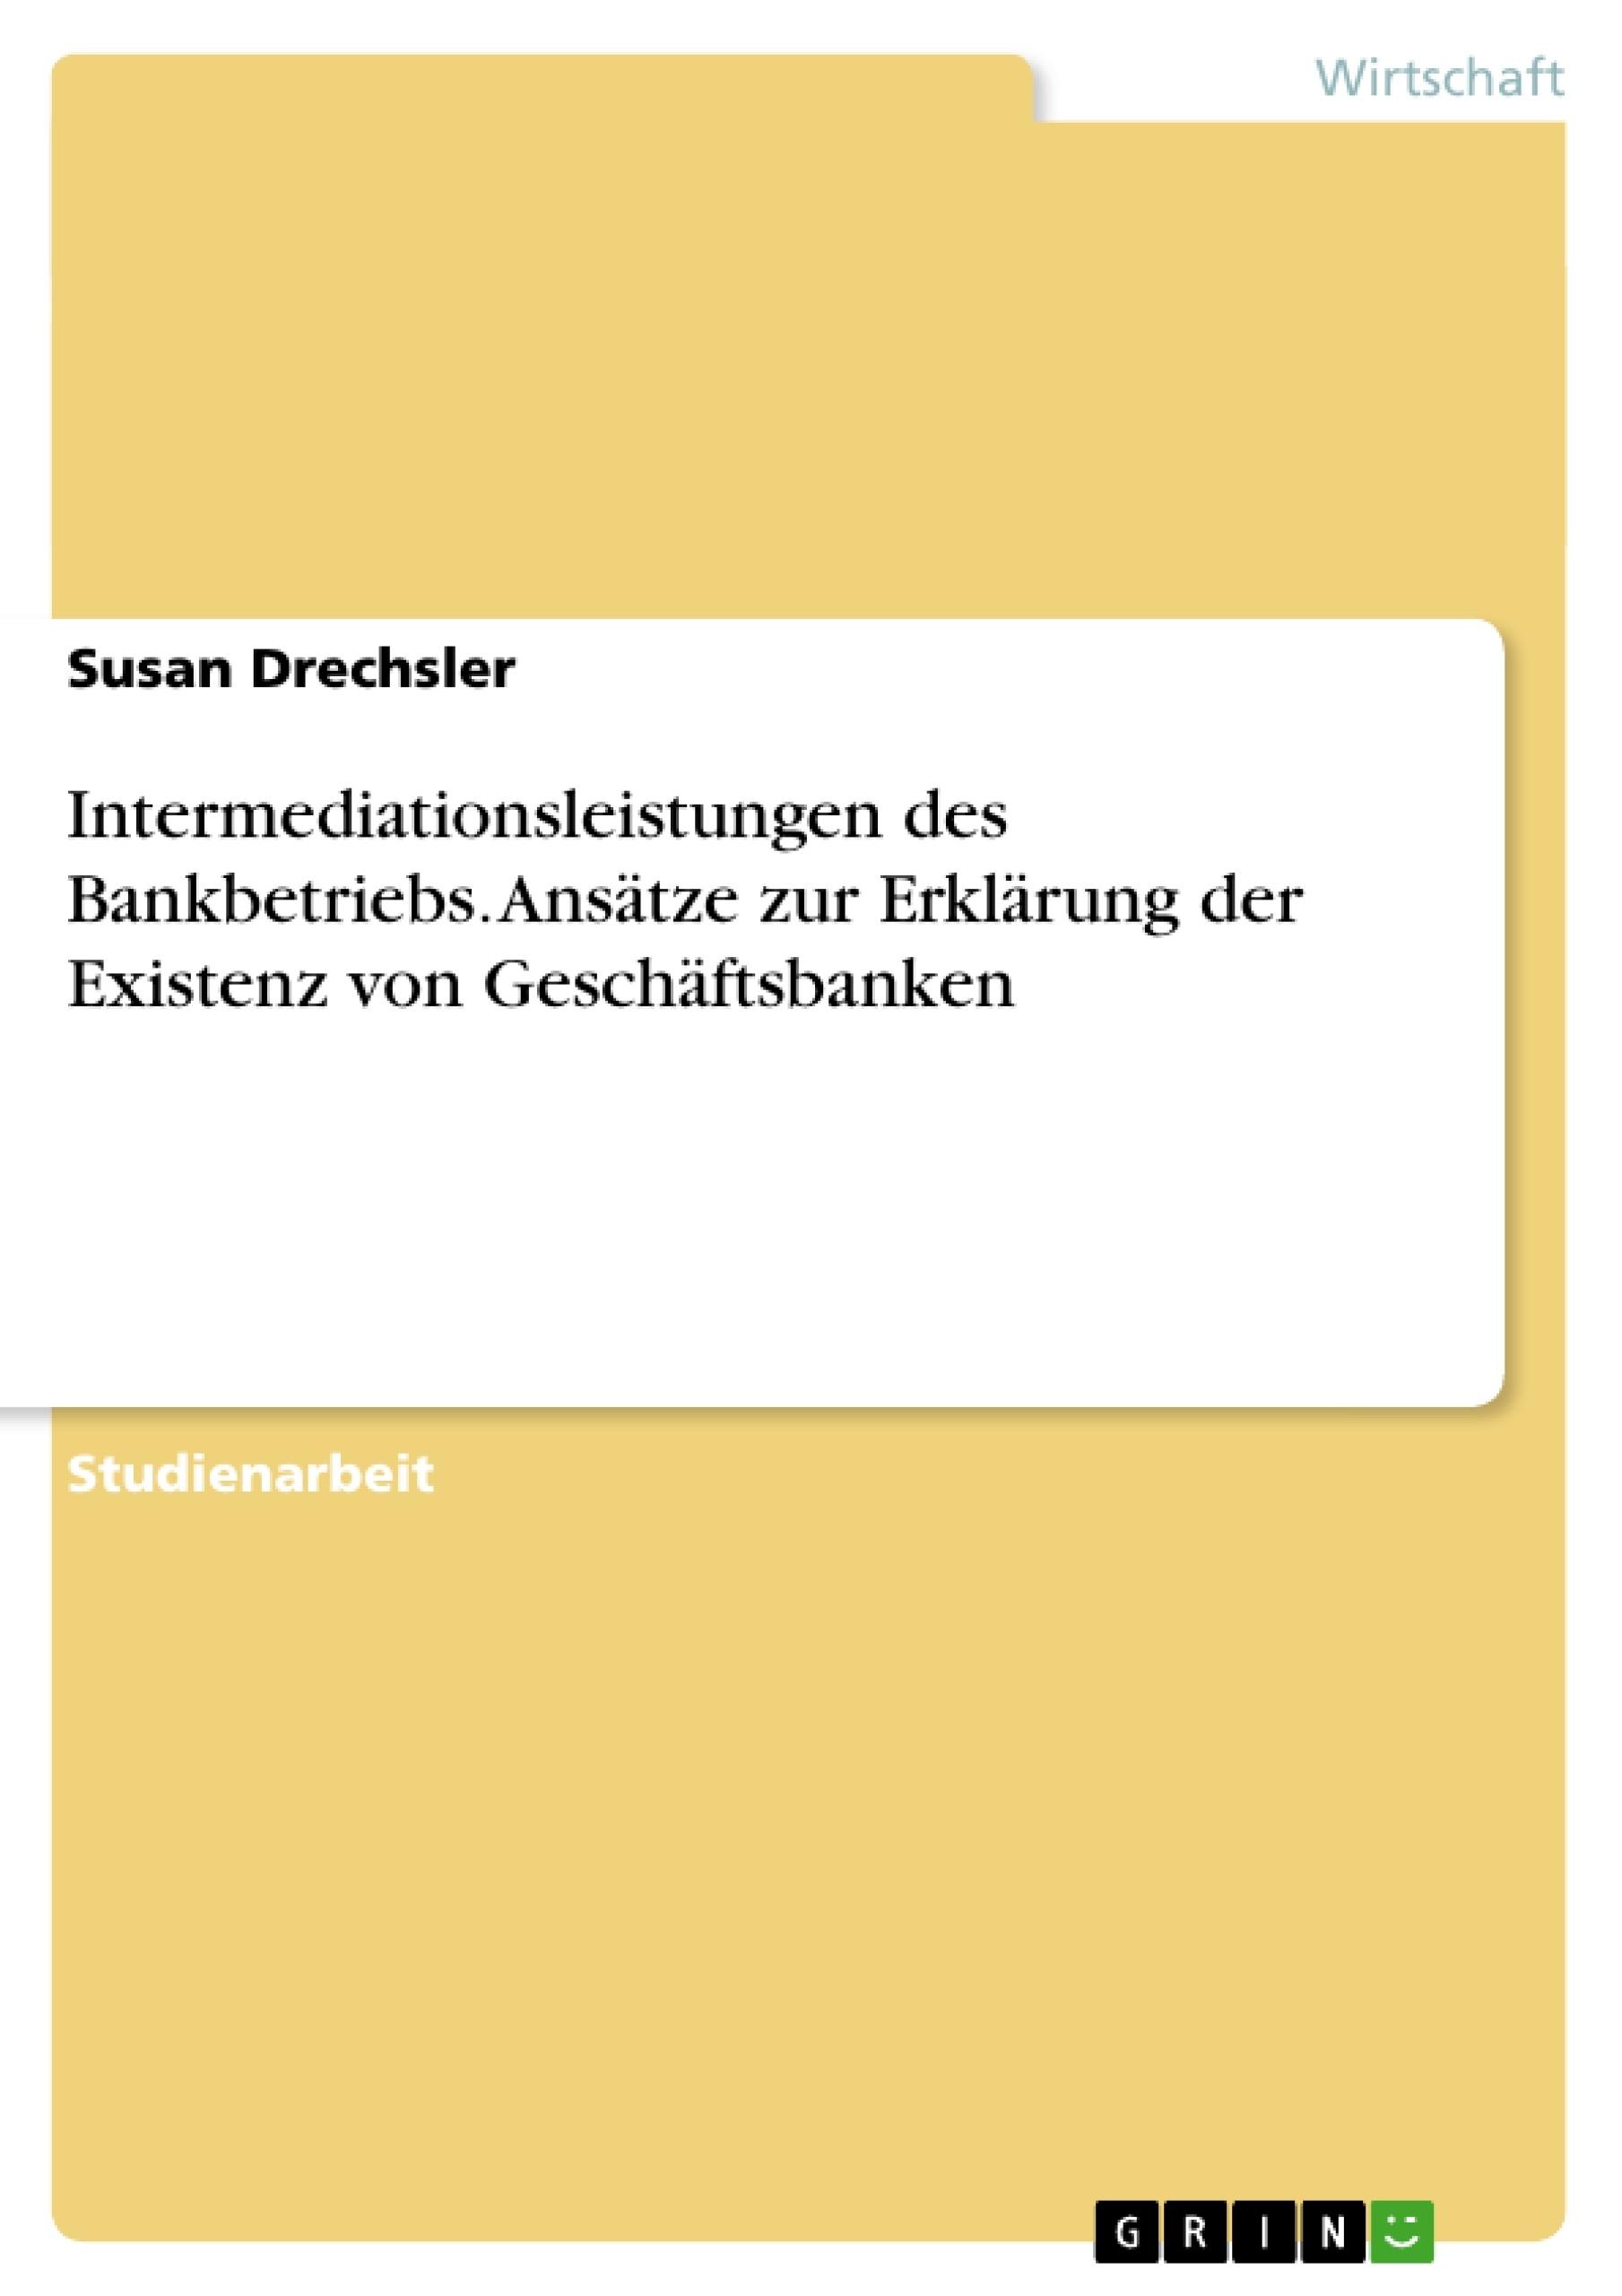 Titel: Intermediationsleistungen des Bankbetriebs. Ansätze zur Erklärung der Existenz von Geschäftsbanken